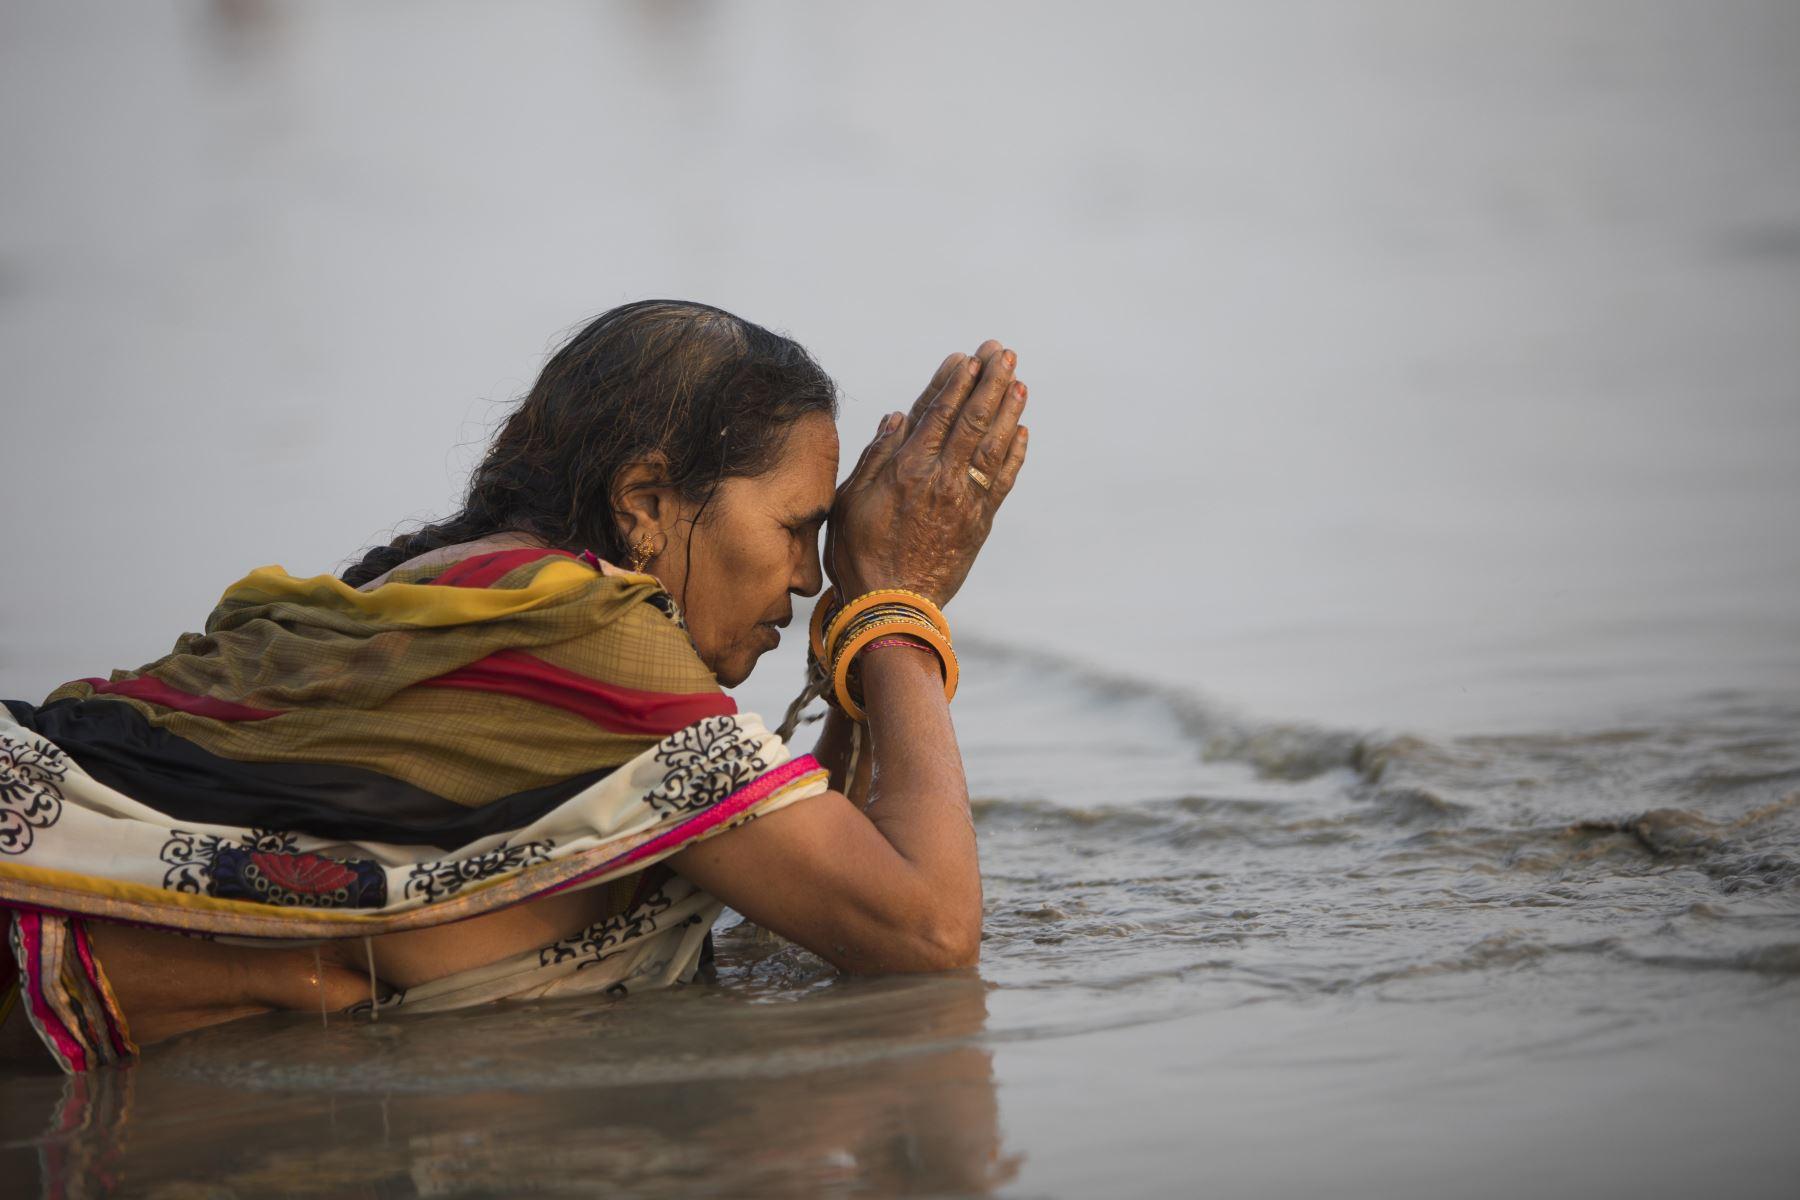 Un devoto hindú realiza un ritual antes de darse un baño sagrado en la Bahía de Bengala durante el Gangasagar Mela. Foto: AFP